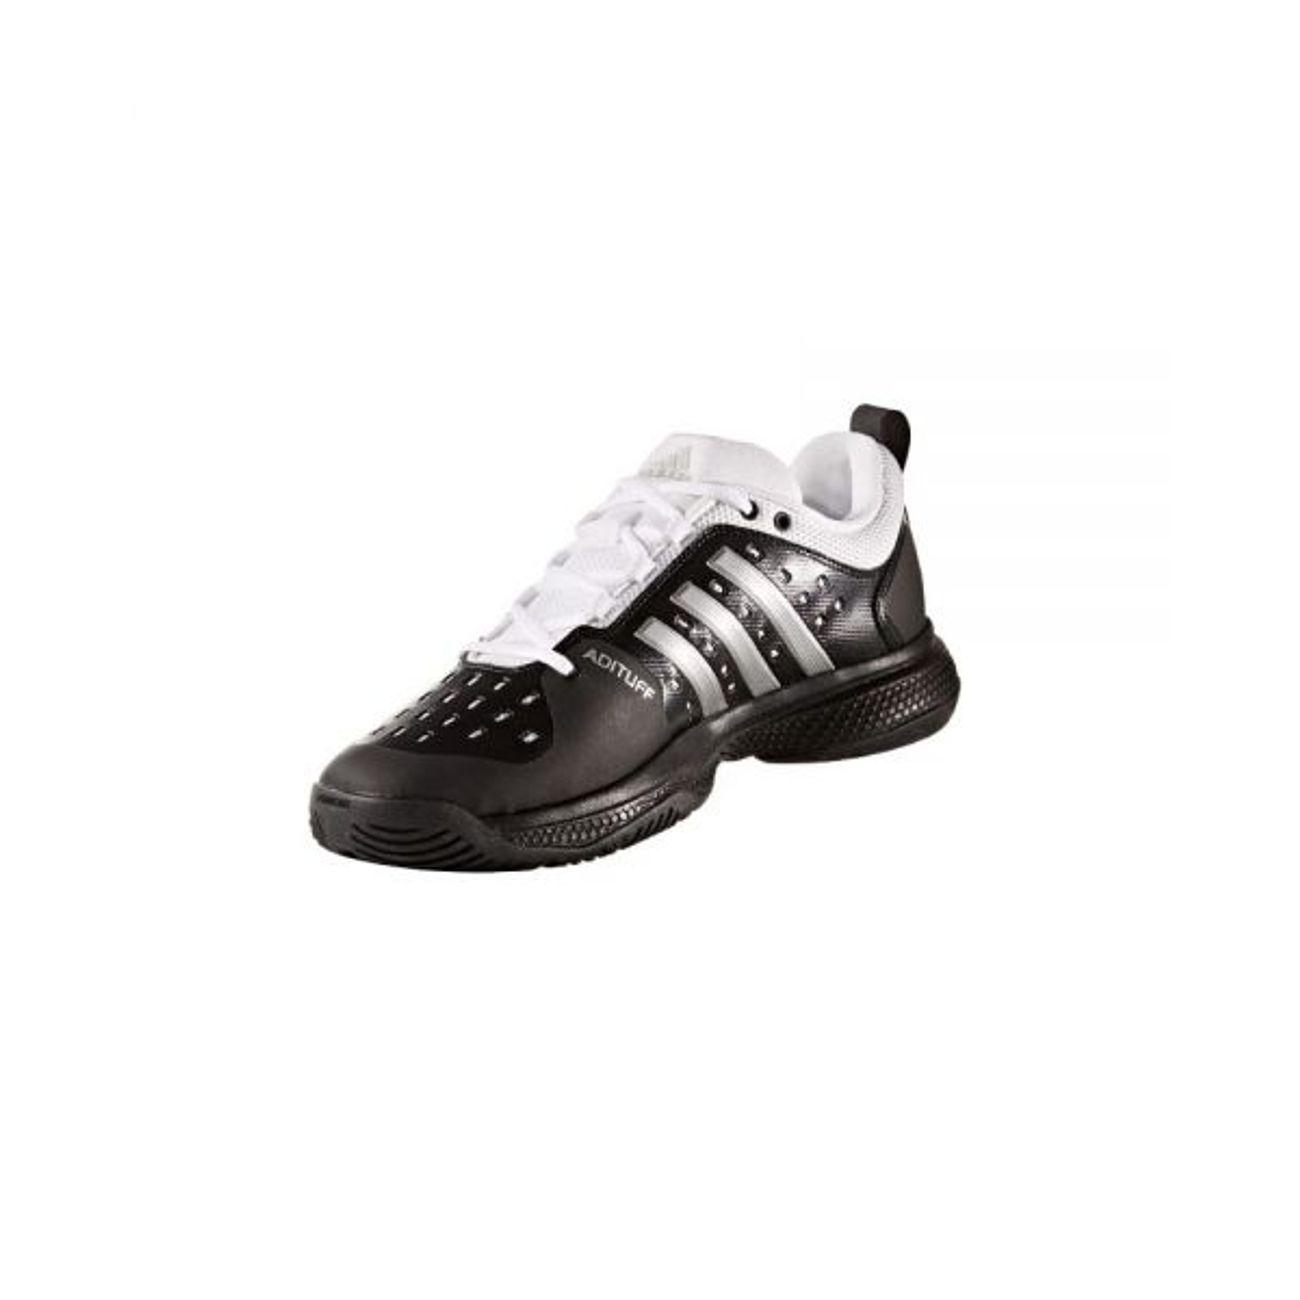 buy online 54a09 f4b4d ... Tennis homme ADIDAS Adidas - Barricade Classic Bounce Hommes Chaussure  de tennis (noir blanc ...